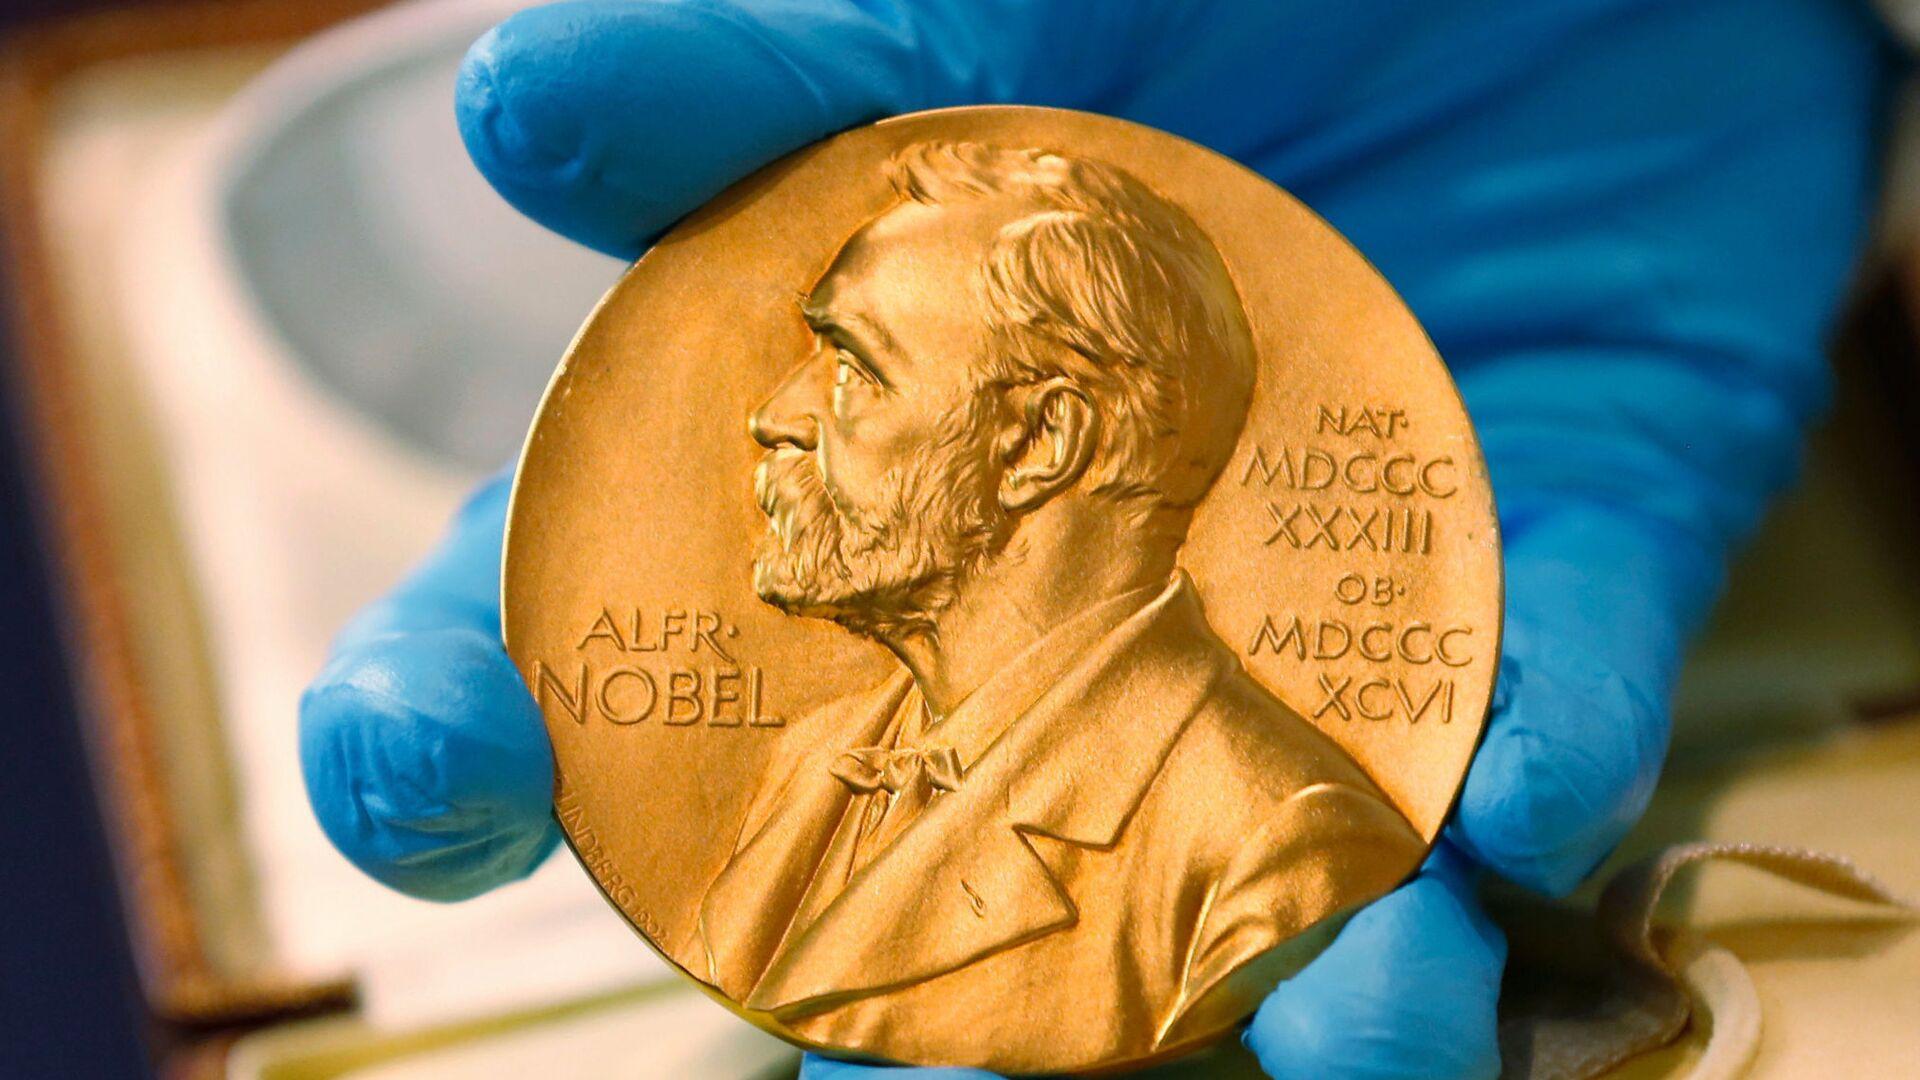 Нобелевская медаль вручается с Нобелевской премией - Sputnik Грузия, 1920, 04.10.2021